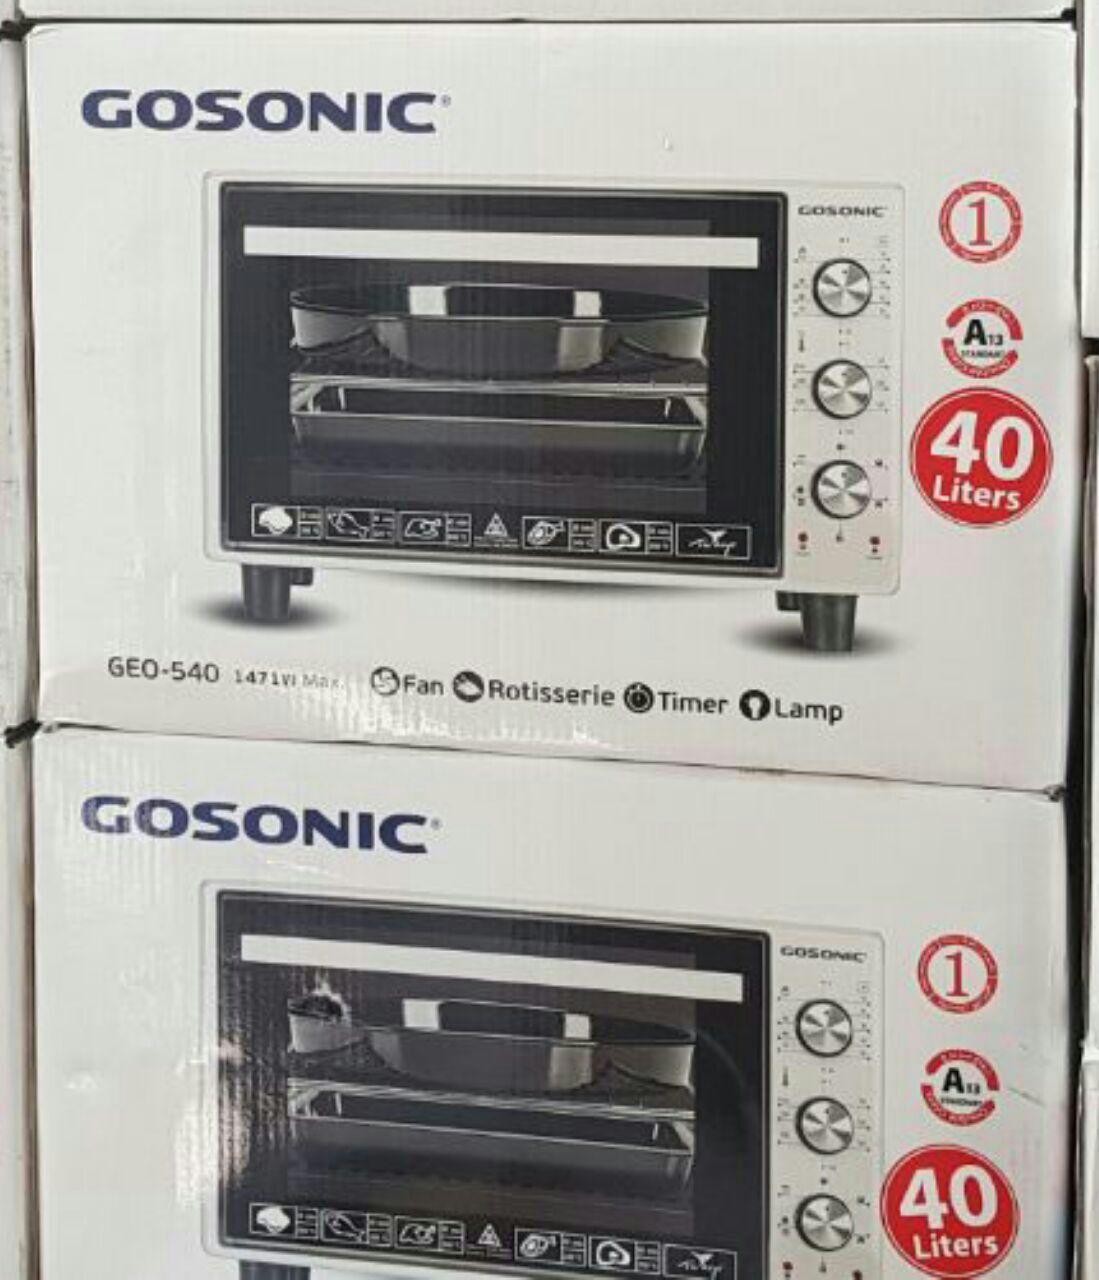 آون توستر 40 لیتری گوسونیک GOSONIC مدل GEO-540 ساخت ترکیه